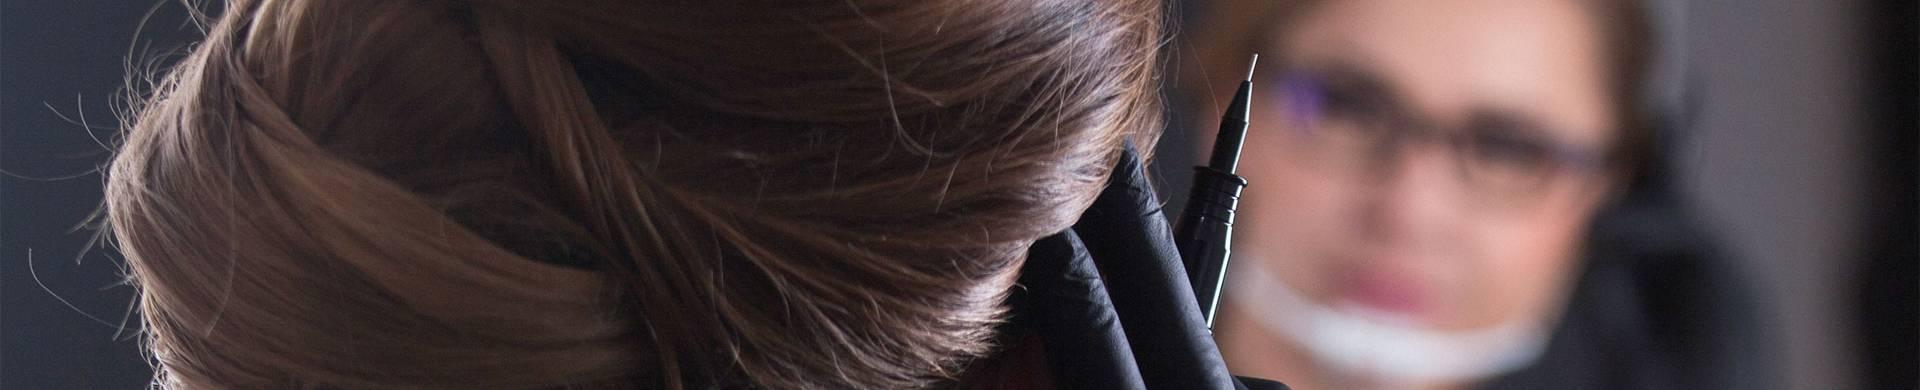 Mikropigmentacjia skóry głowy